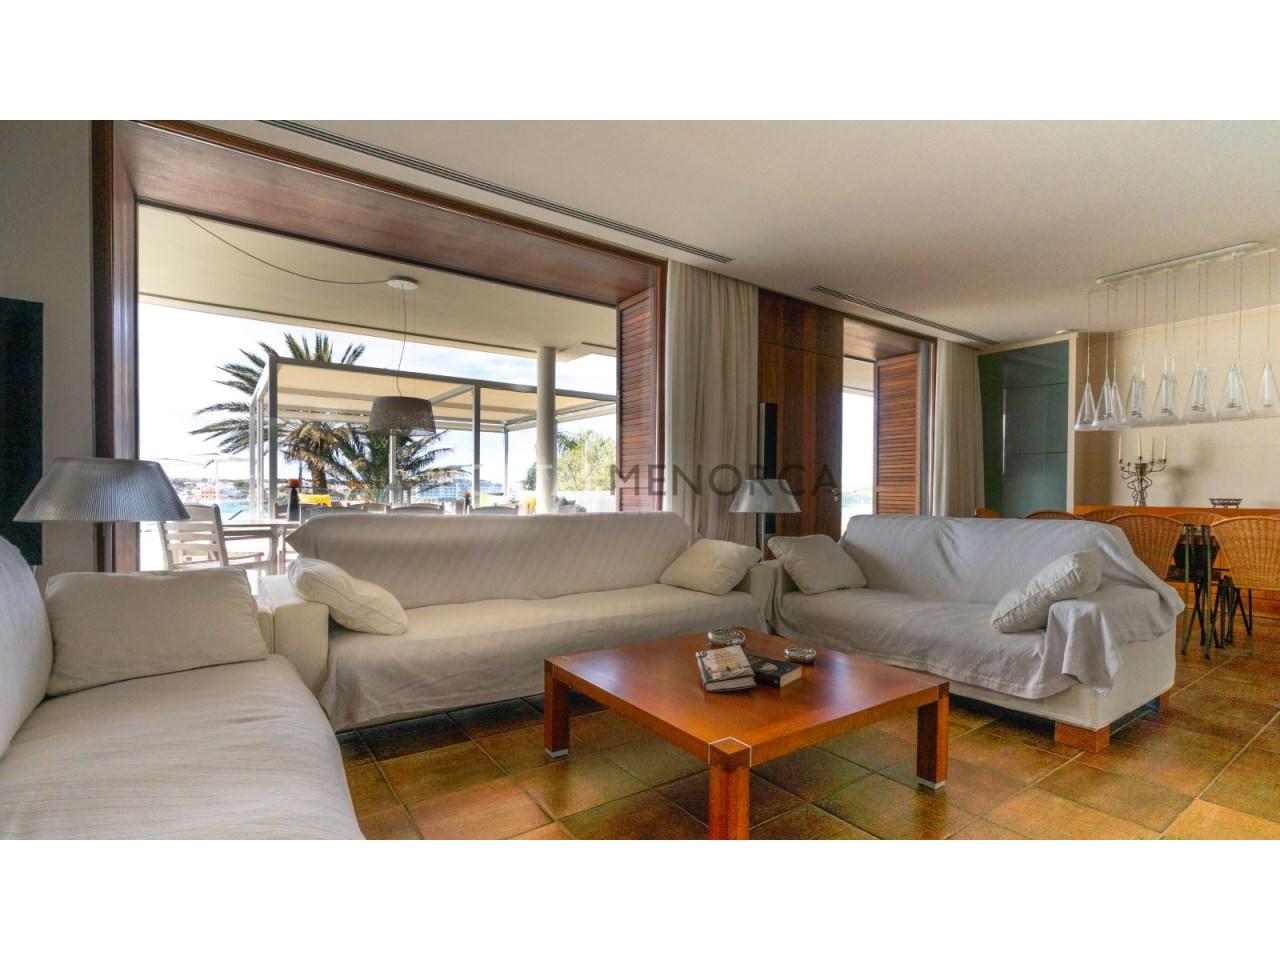 casa-comprar-puerto-mahon-menorca (2)